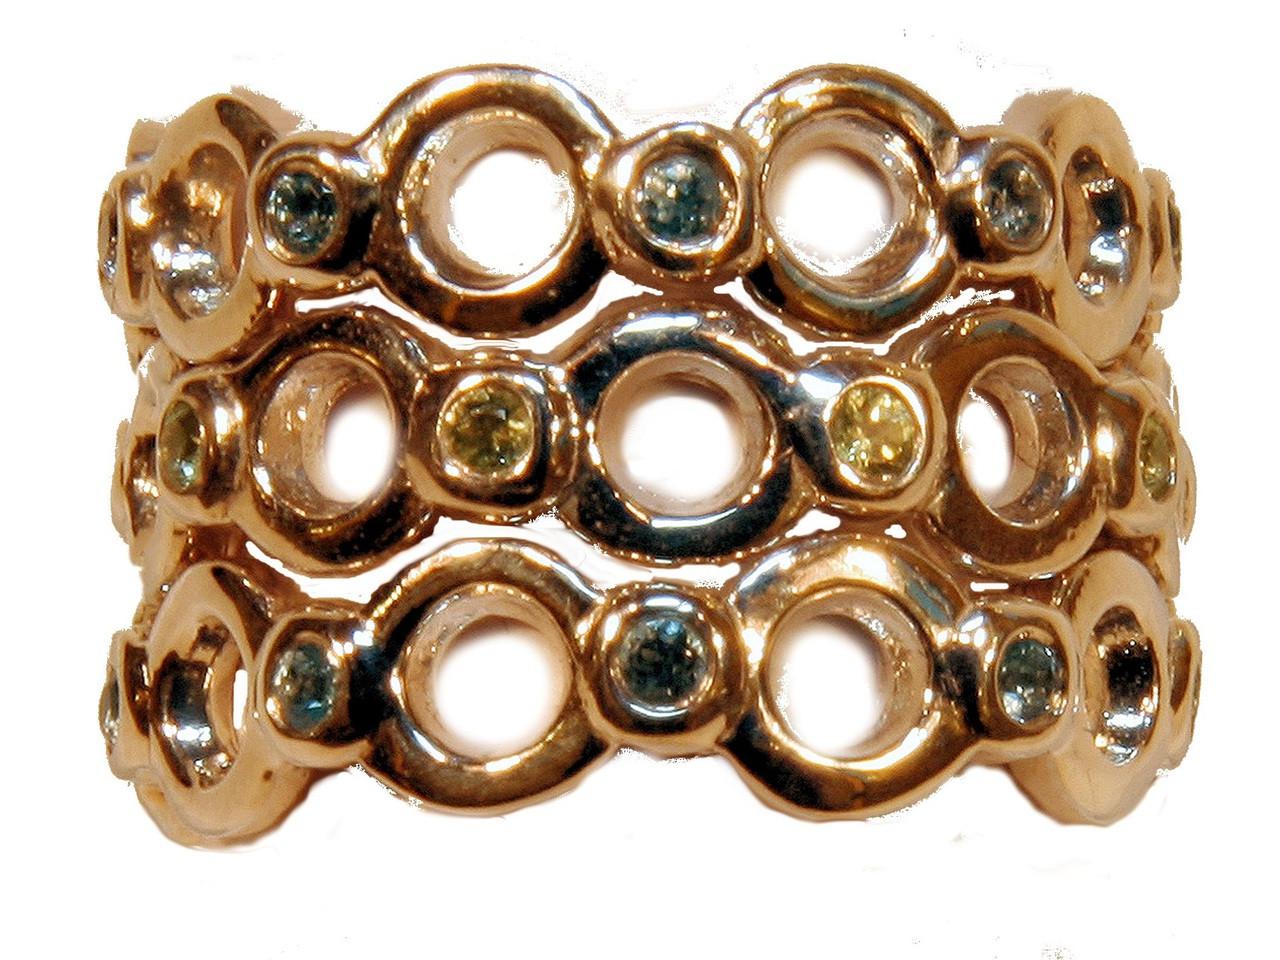 Circle Dot Stacking Ring - 18K  shown with semi precious